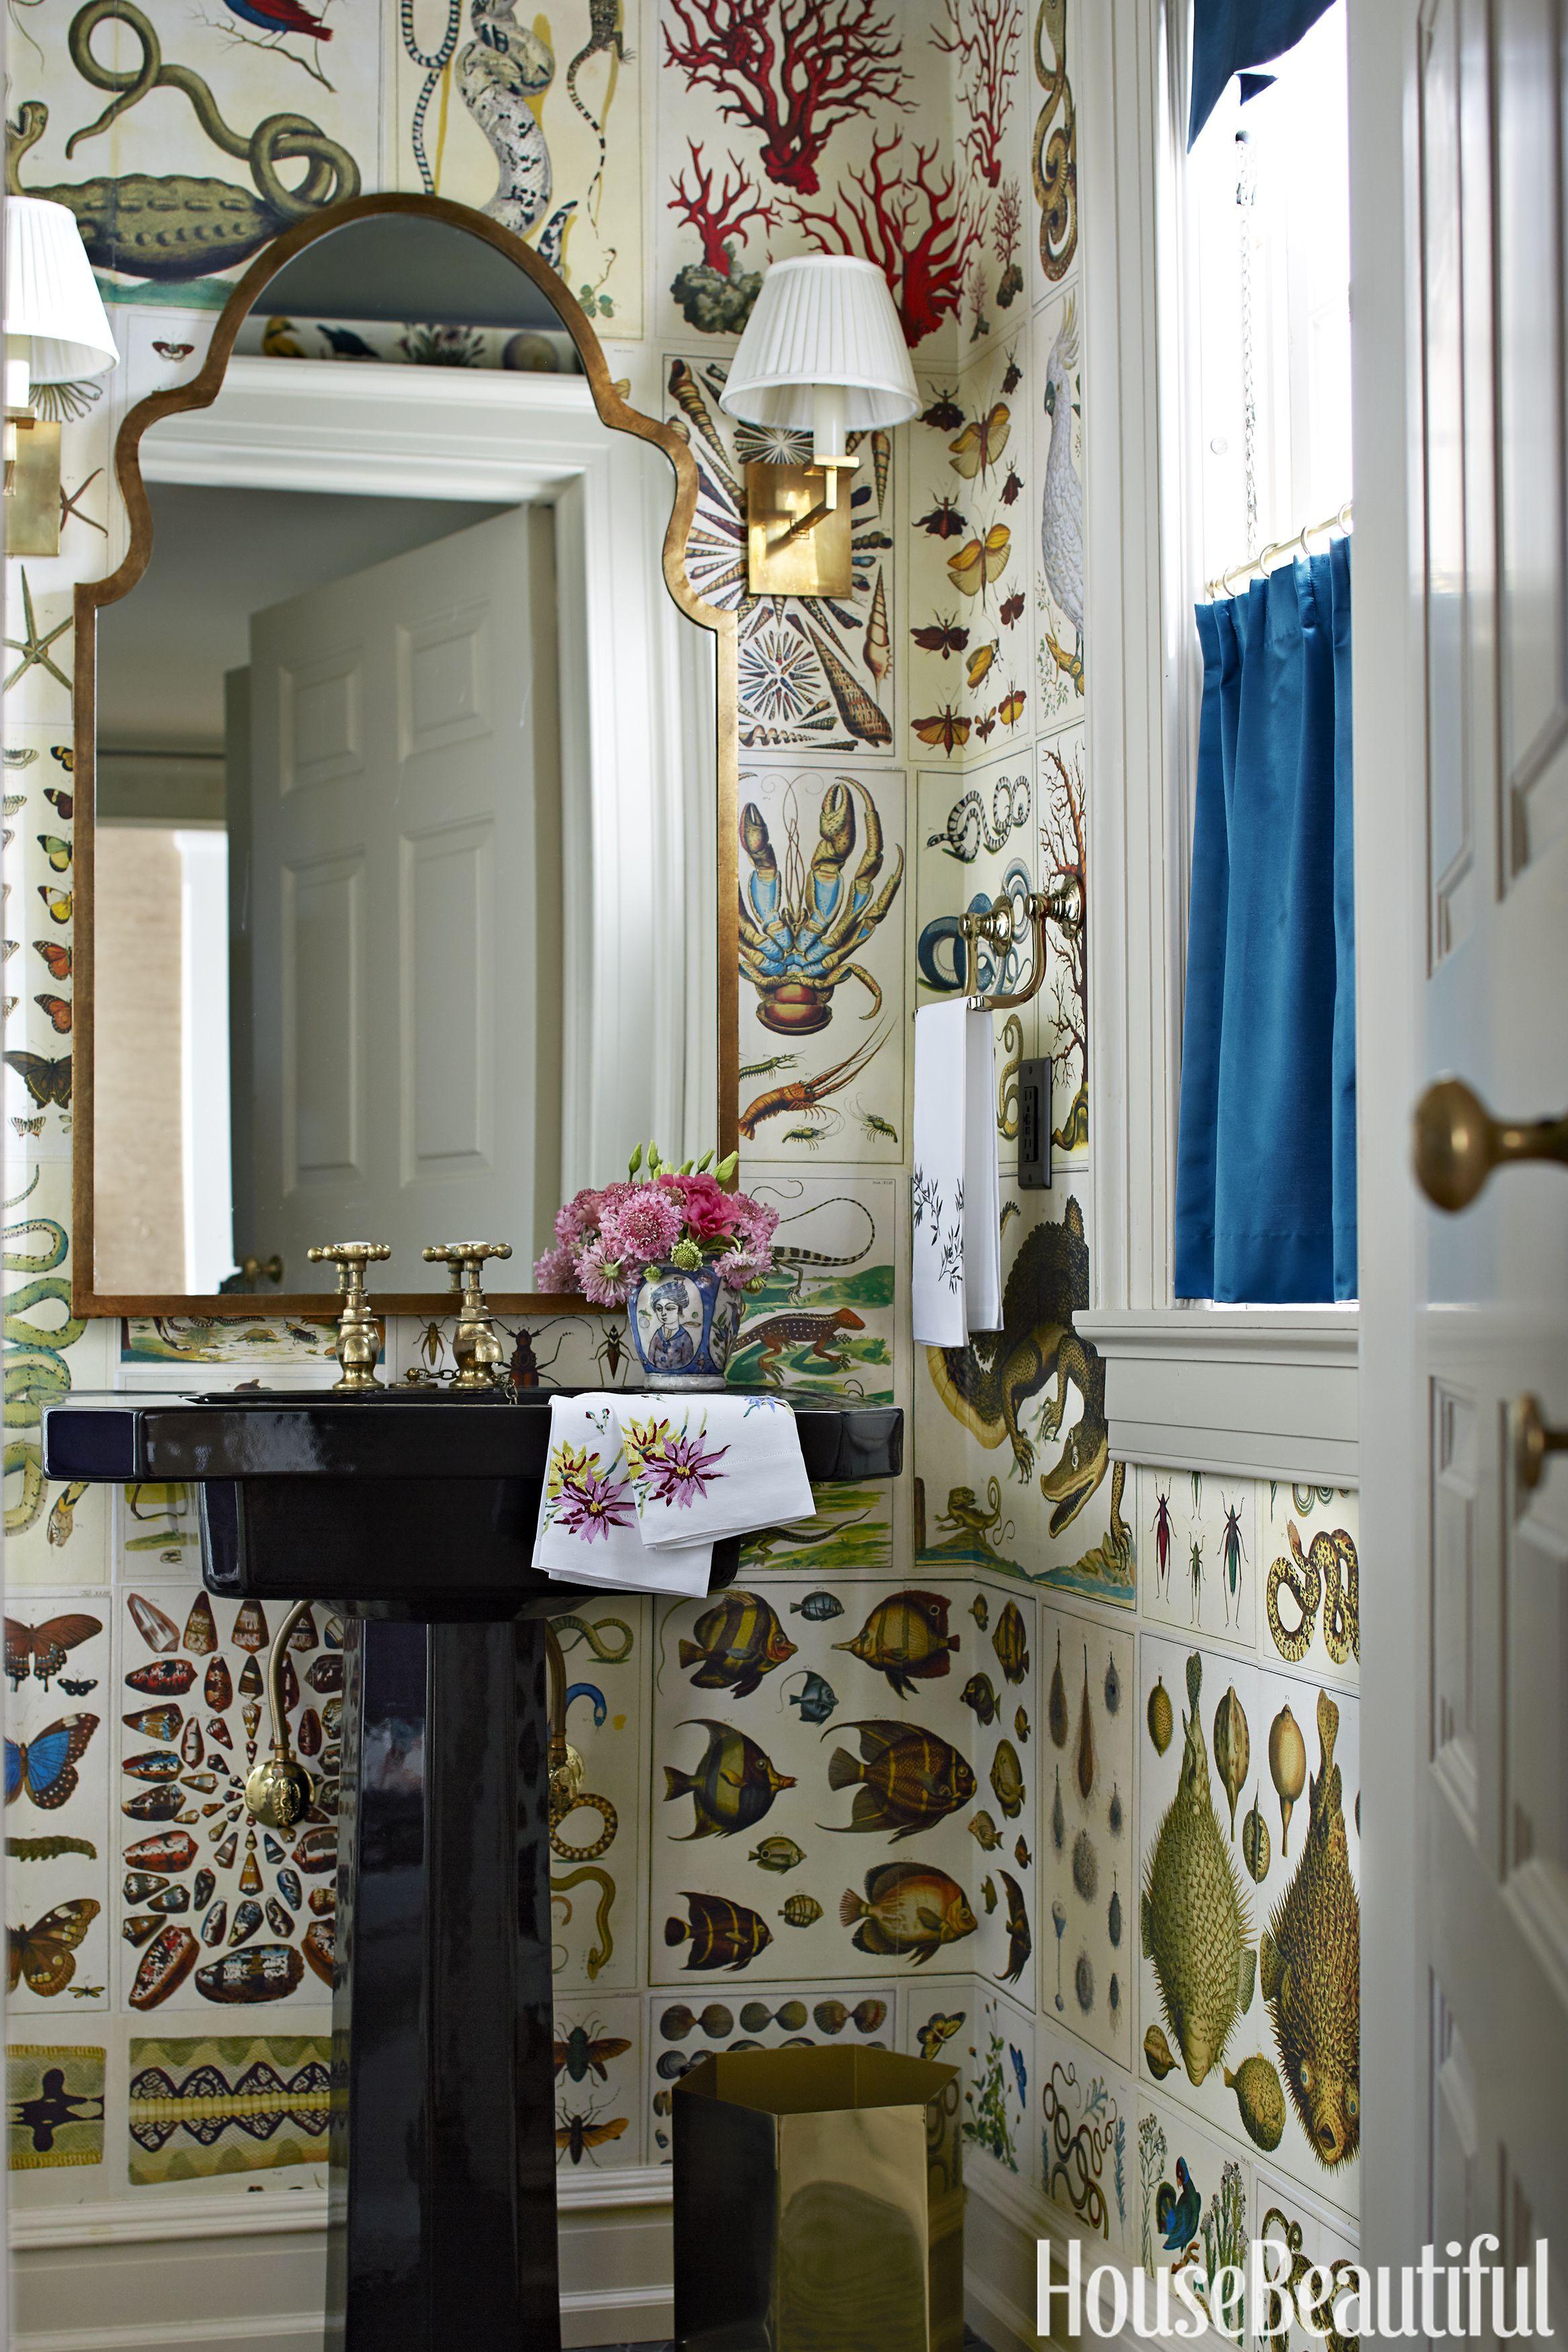 140 Best Bathroom Design Ideas   Decor Pictures of Stylish Modern Bathrooms. 140 Best Bathroom Design Ideas   Decor Pictures of Stylish Modern